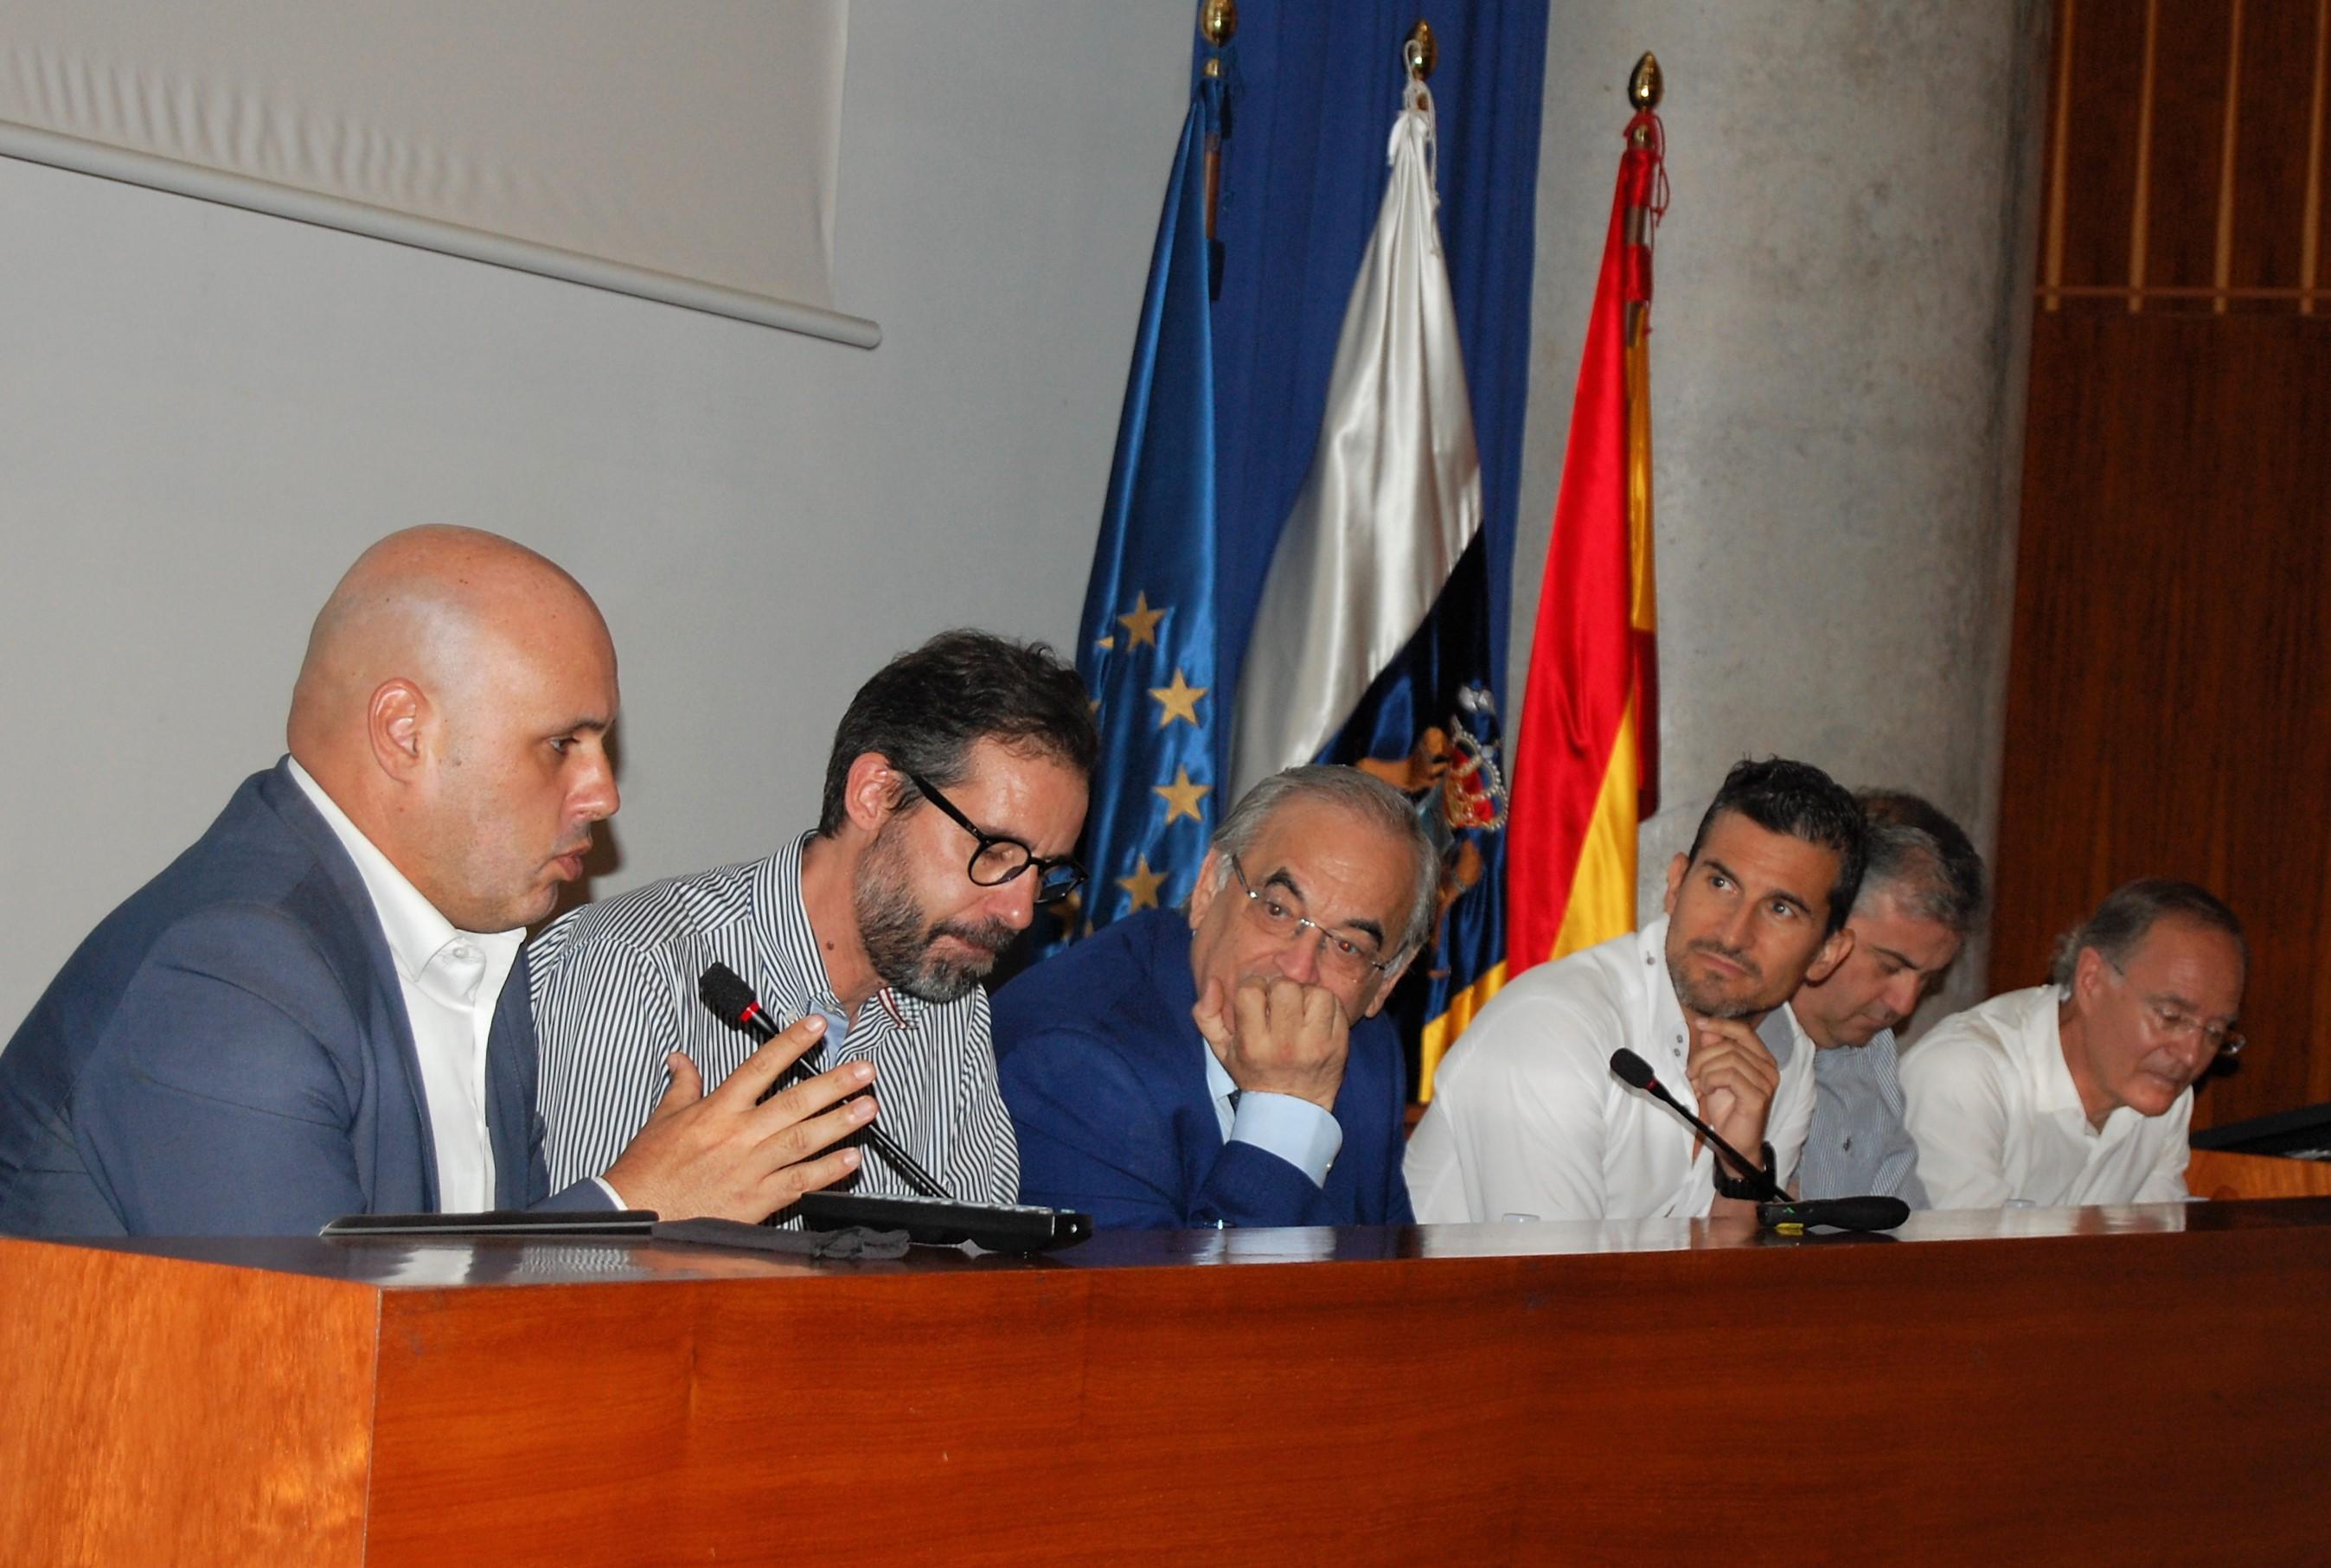 Projeto RIS3 NET é de grande importância para processo da revisão da Estratégia de Especialização Inteligente dos Açores, afirma Diretor Regional